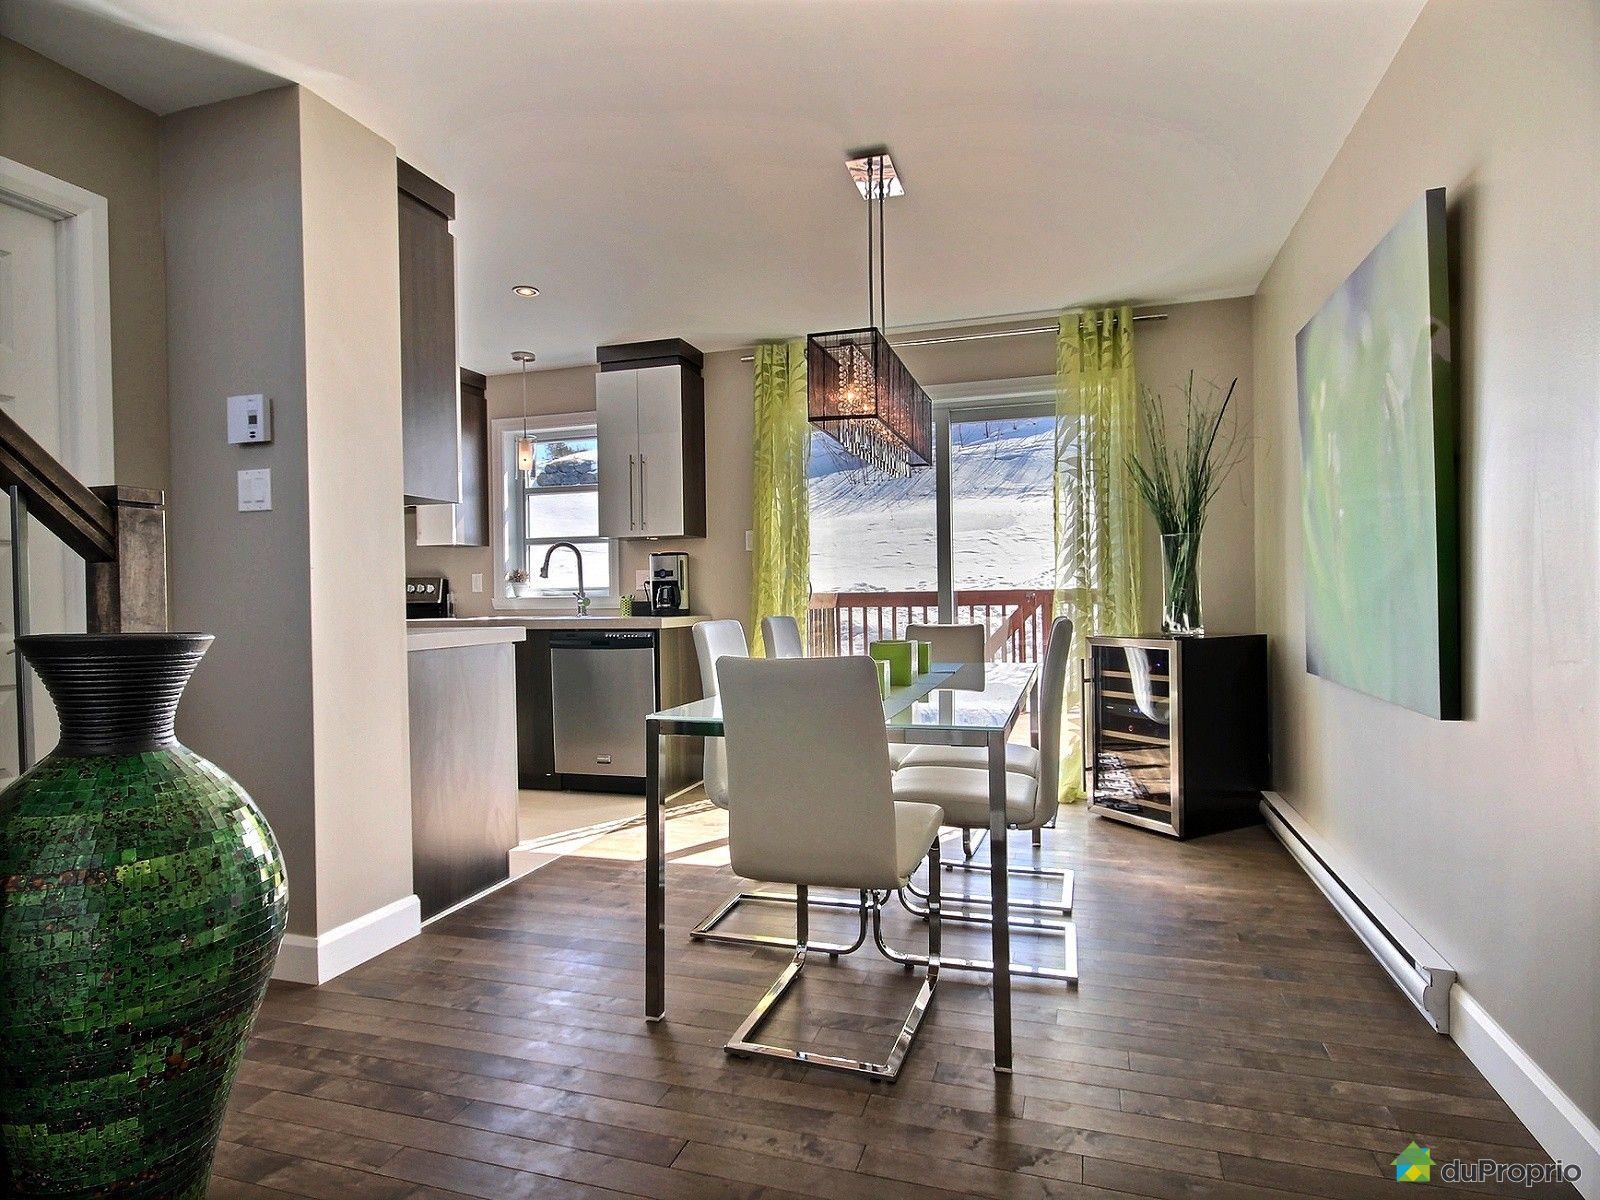 Maison vendre l vis 8536 rue du marie joseph for Salle a manger levi